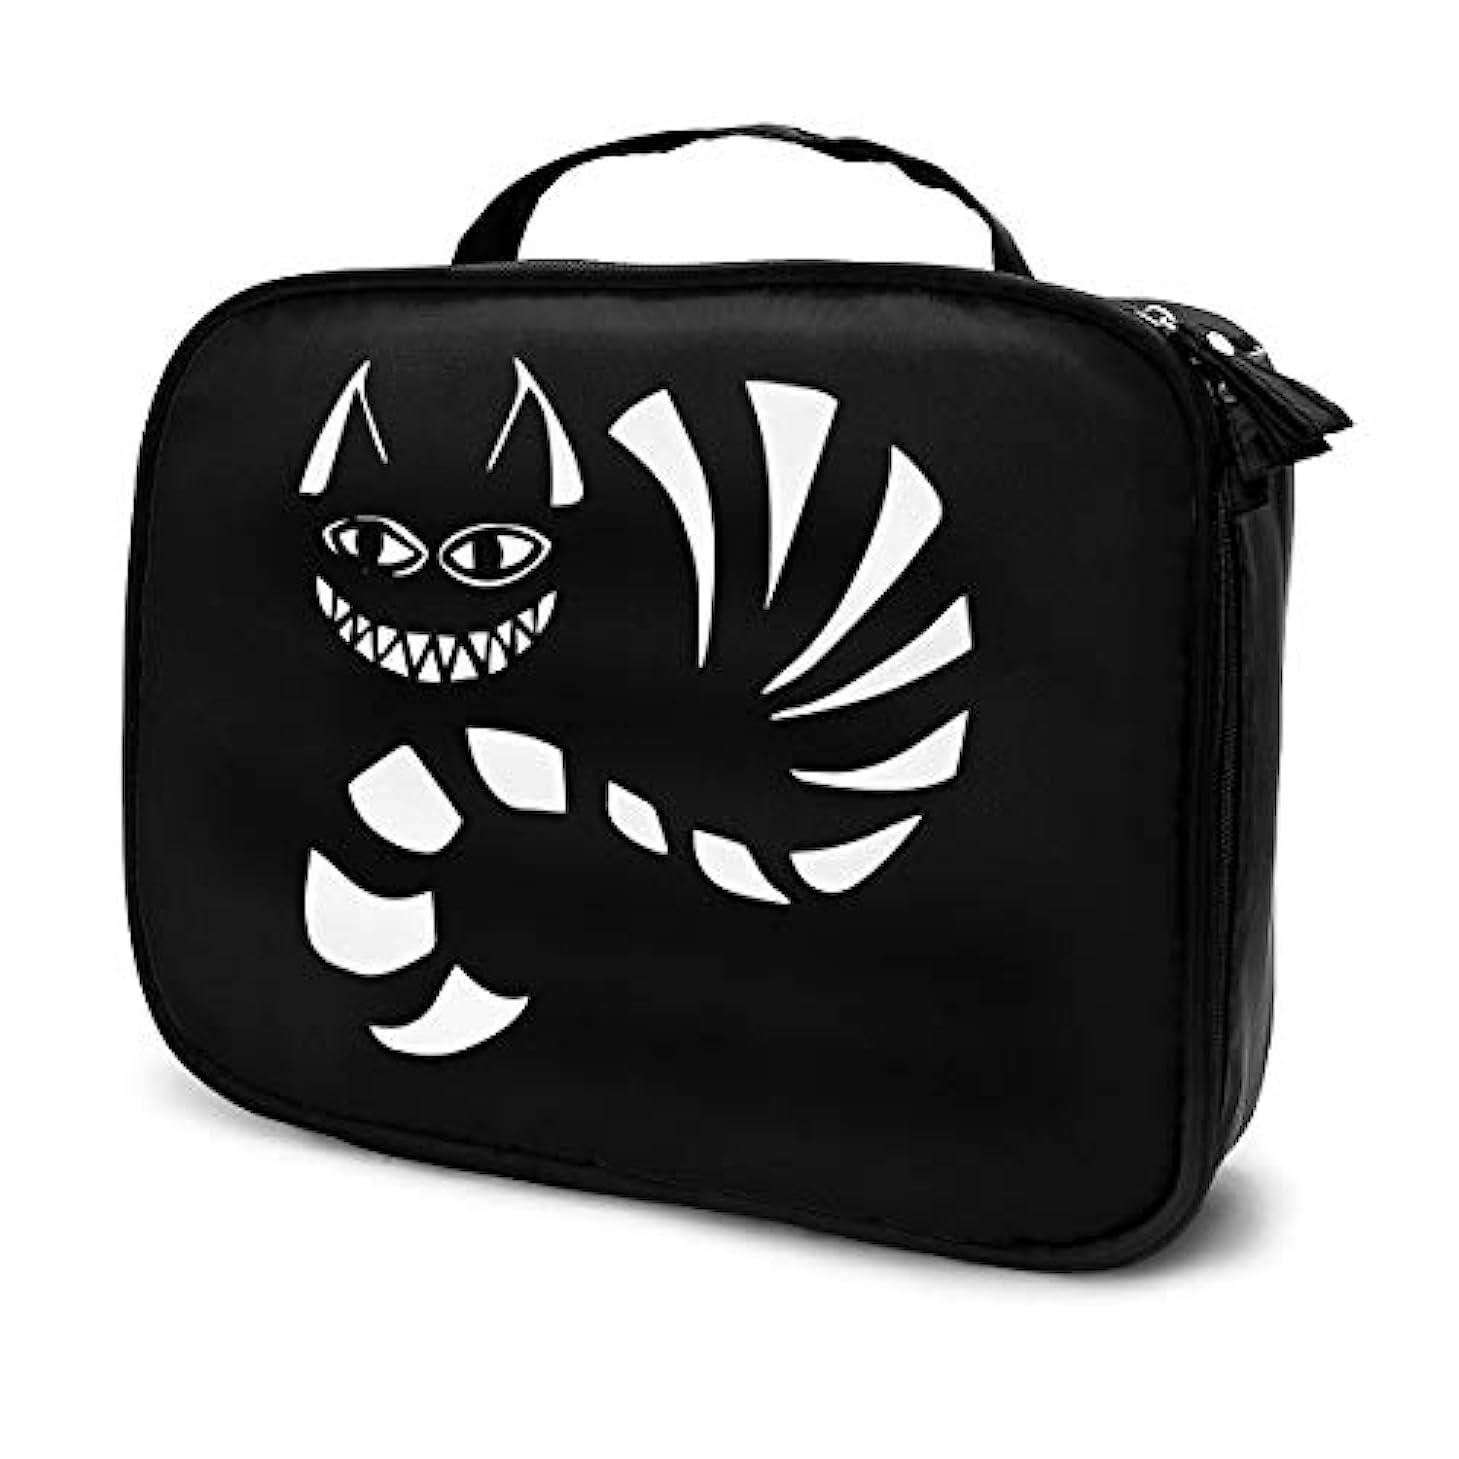 違法安全なずんぐりした化粧ポーチ メイクボックス コスメポーチ 収納ポーチ チェシャ猫 Cheshire Cat 防水 化粧品仕分け収納 小物入れ 旅行ポーチ 大容量 高品質 ファッション 2019年新品